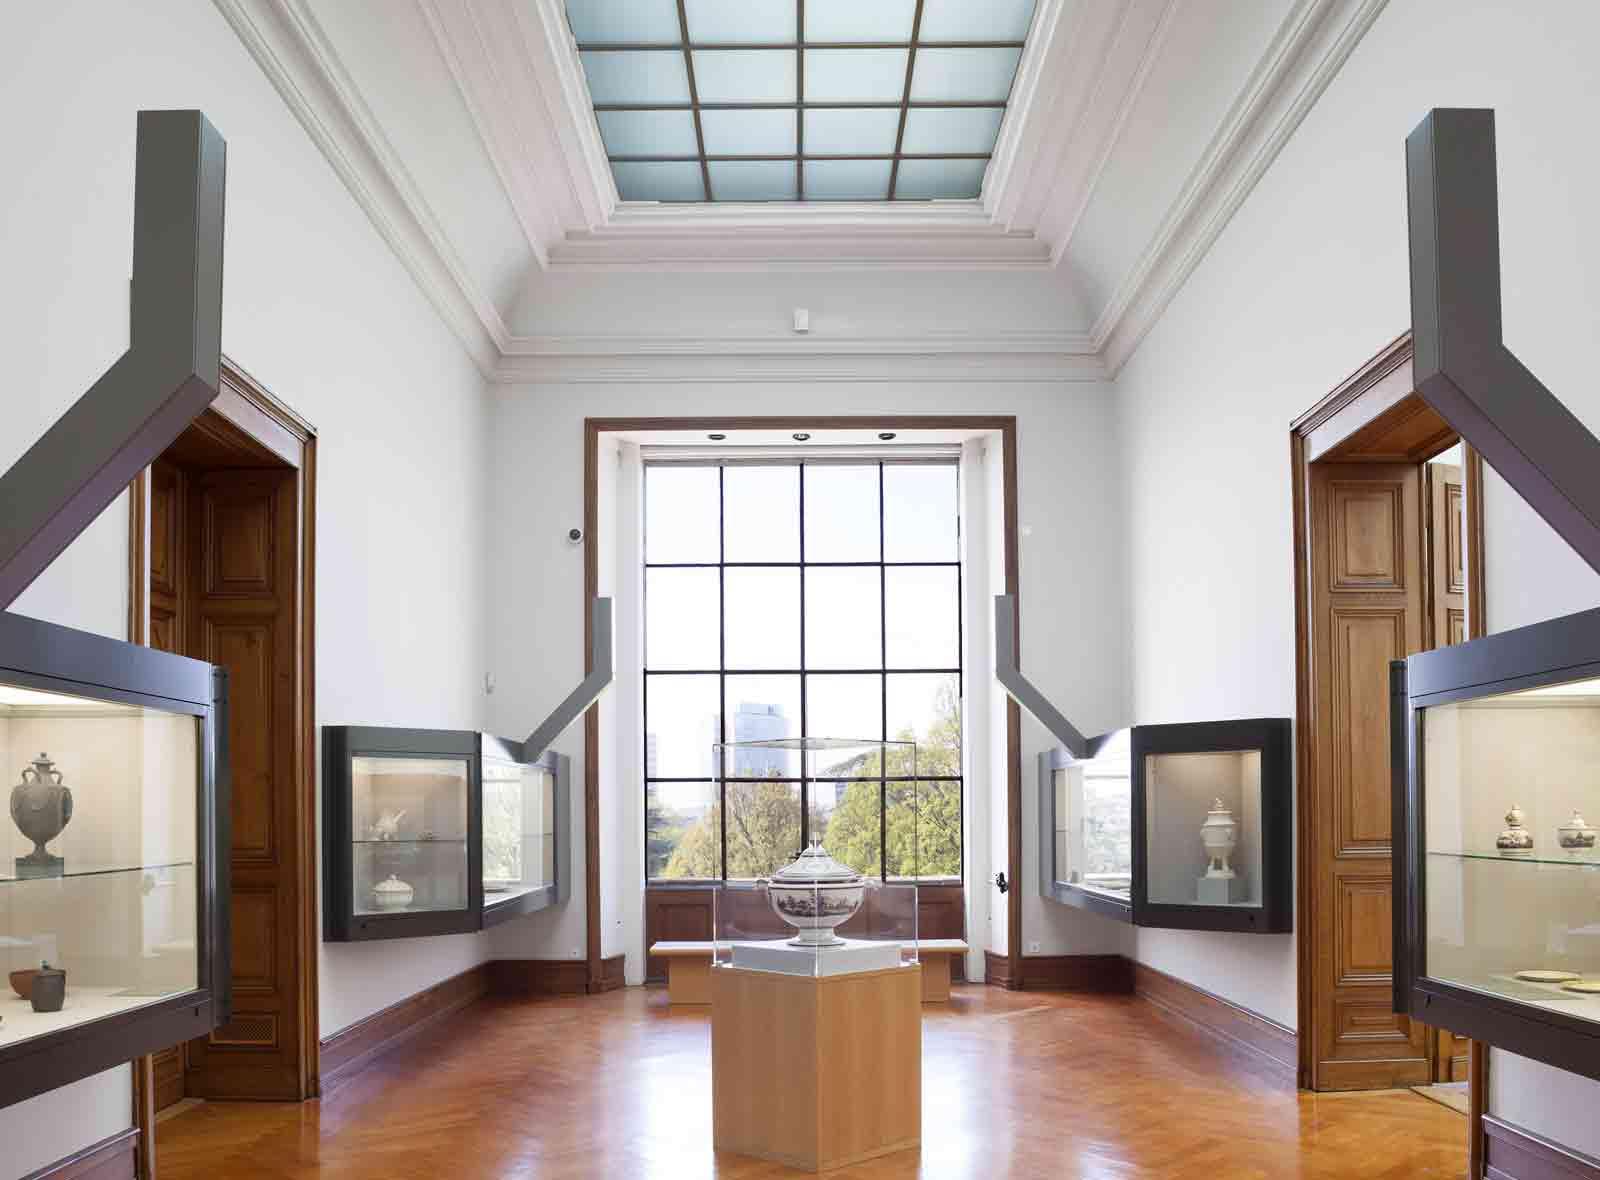 die-schoensten-ausflugsziele-musee-ariana-geneve-blog